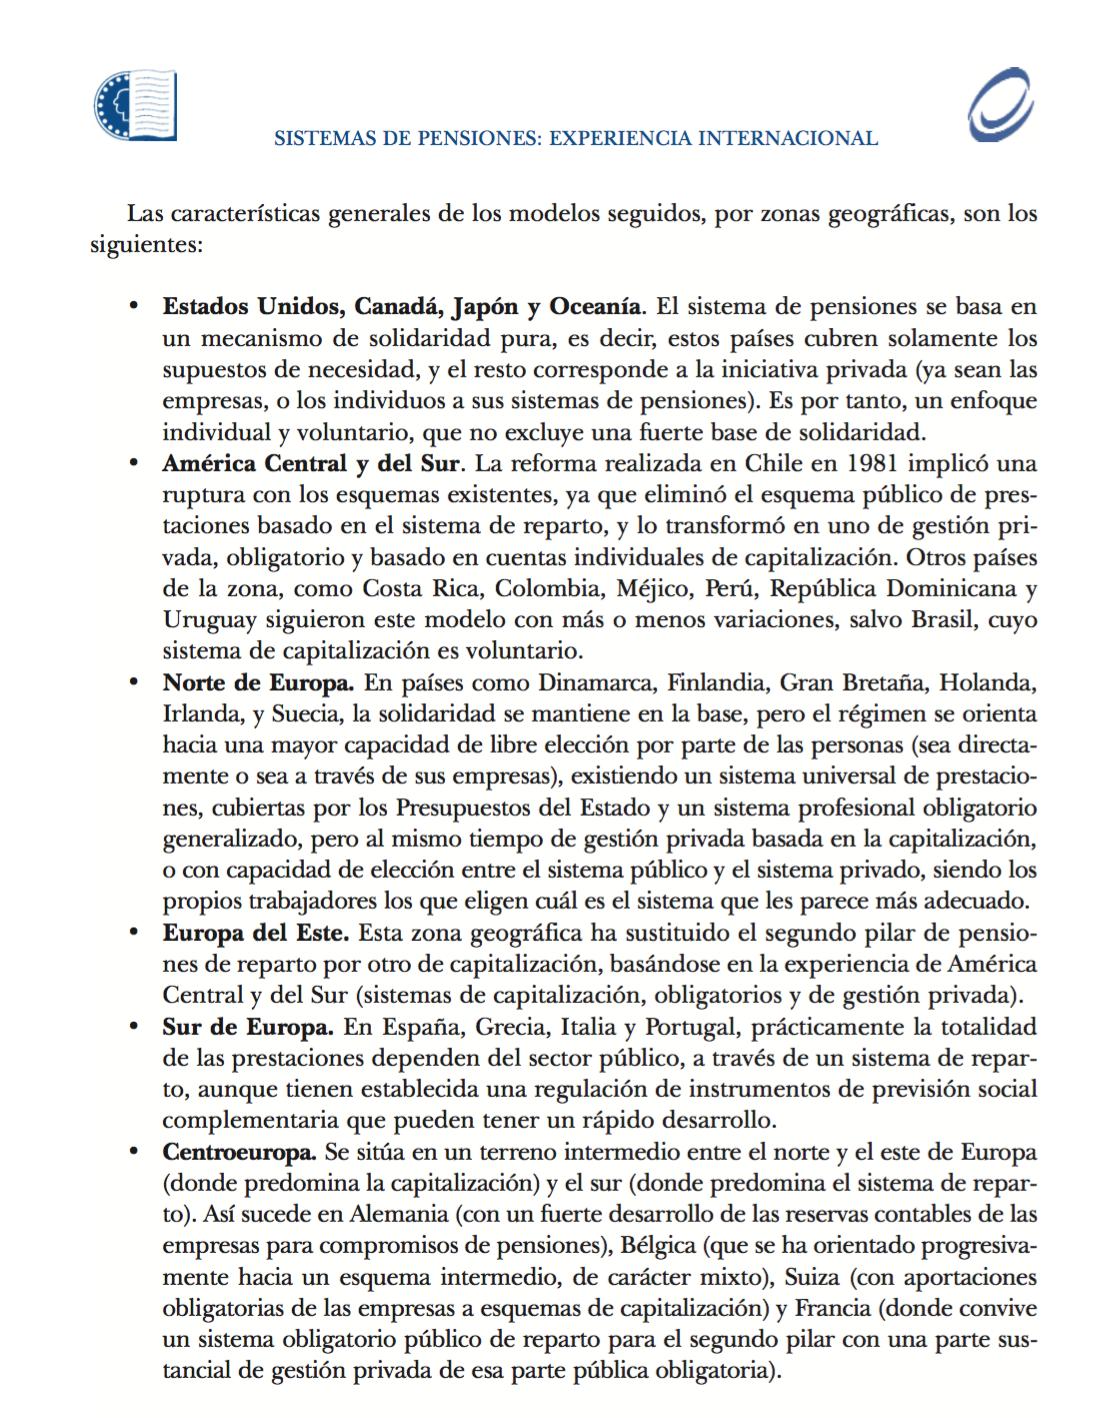 Fundación de Estudios Financieros (www.fef.es)